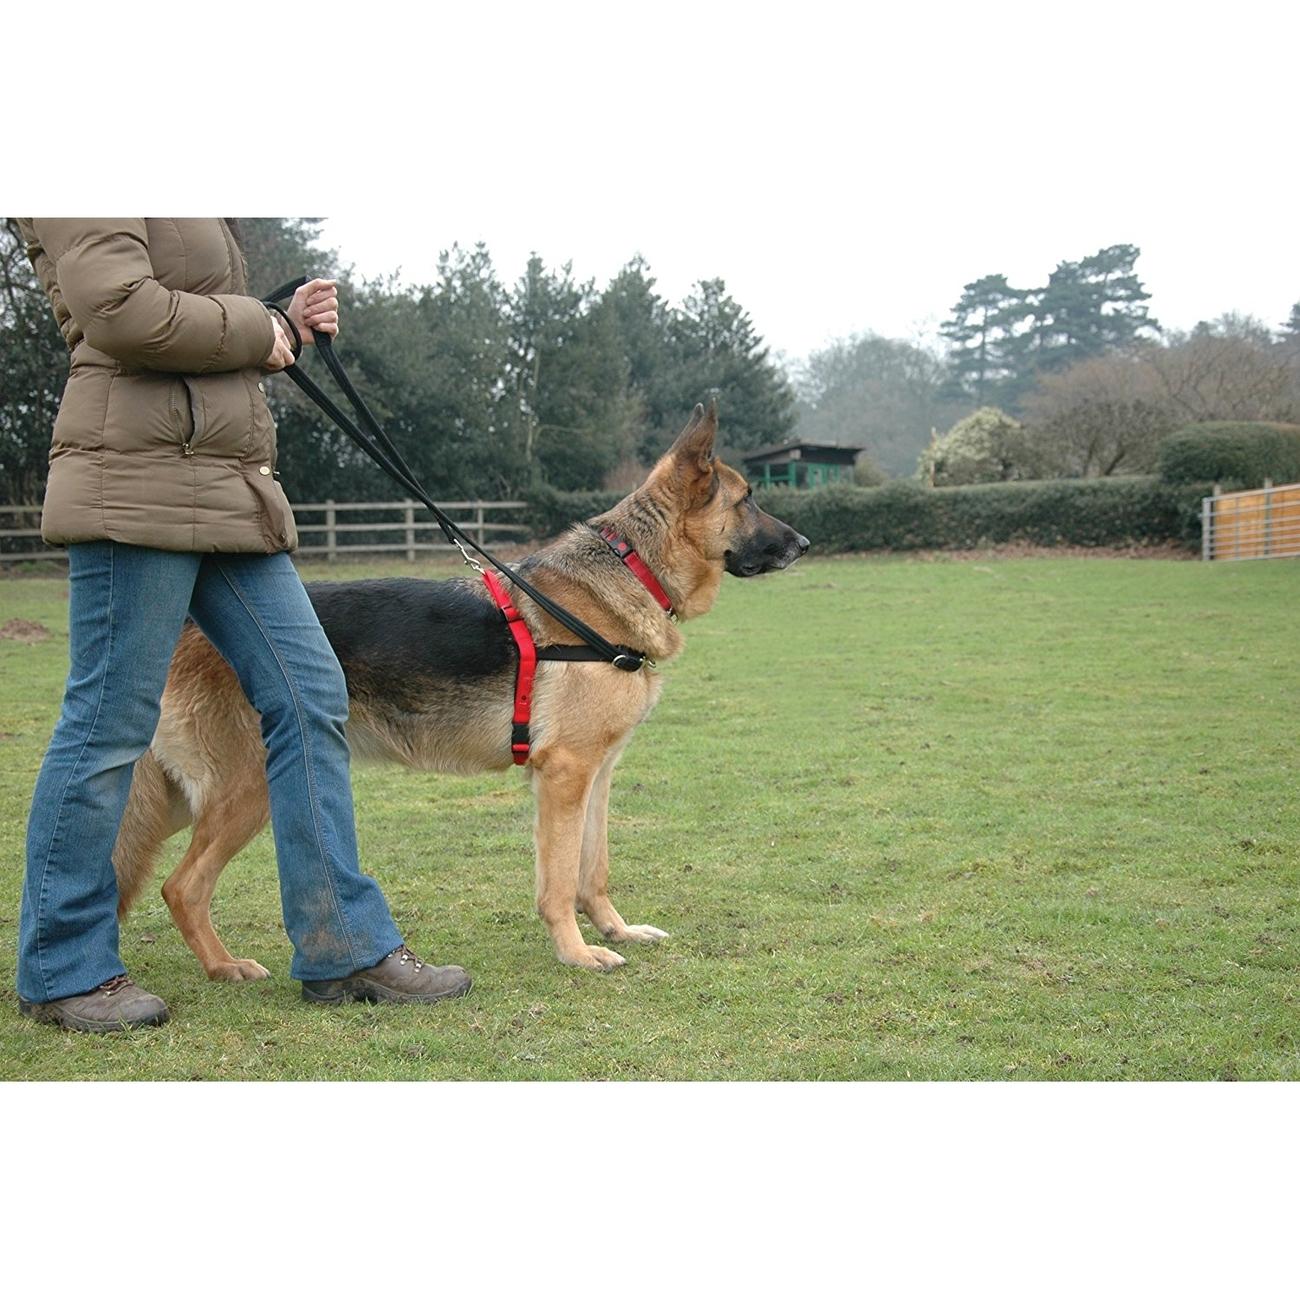 Company of Animals HALTI Harness Ausbildungsgeschirr für Hunde, Bild 10